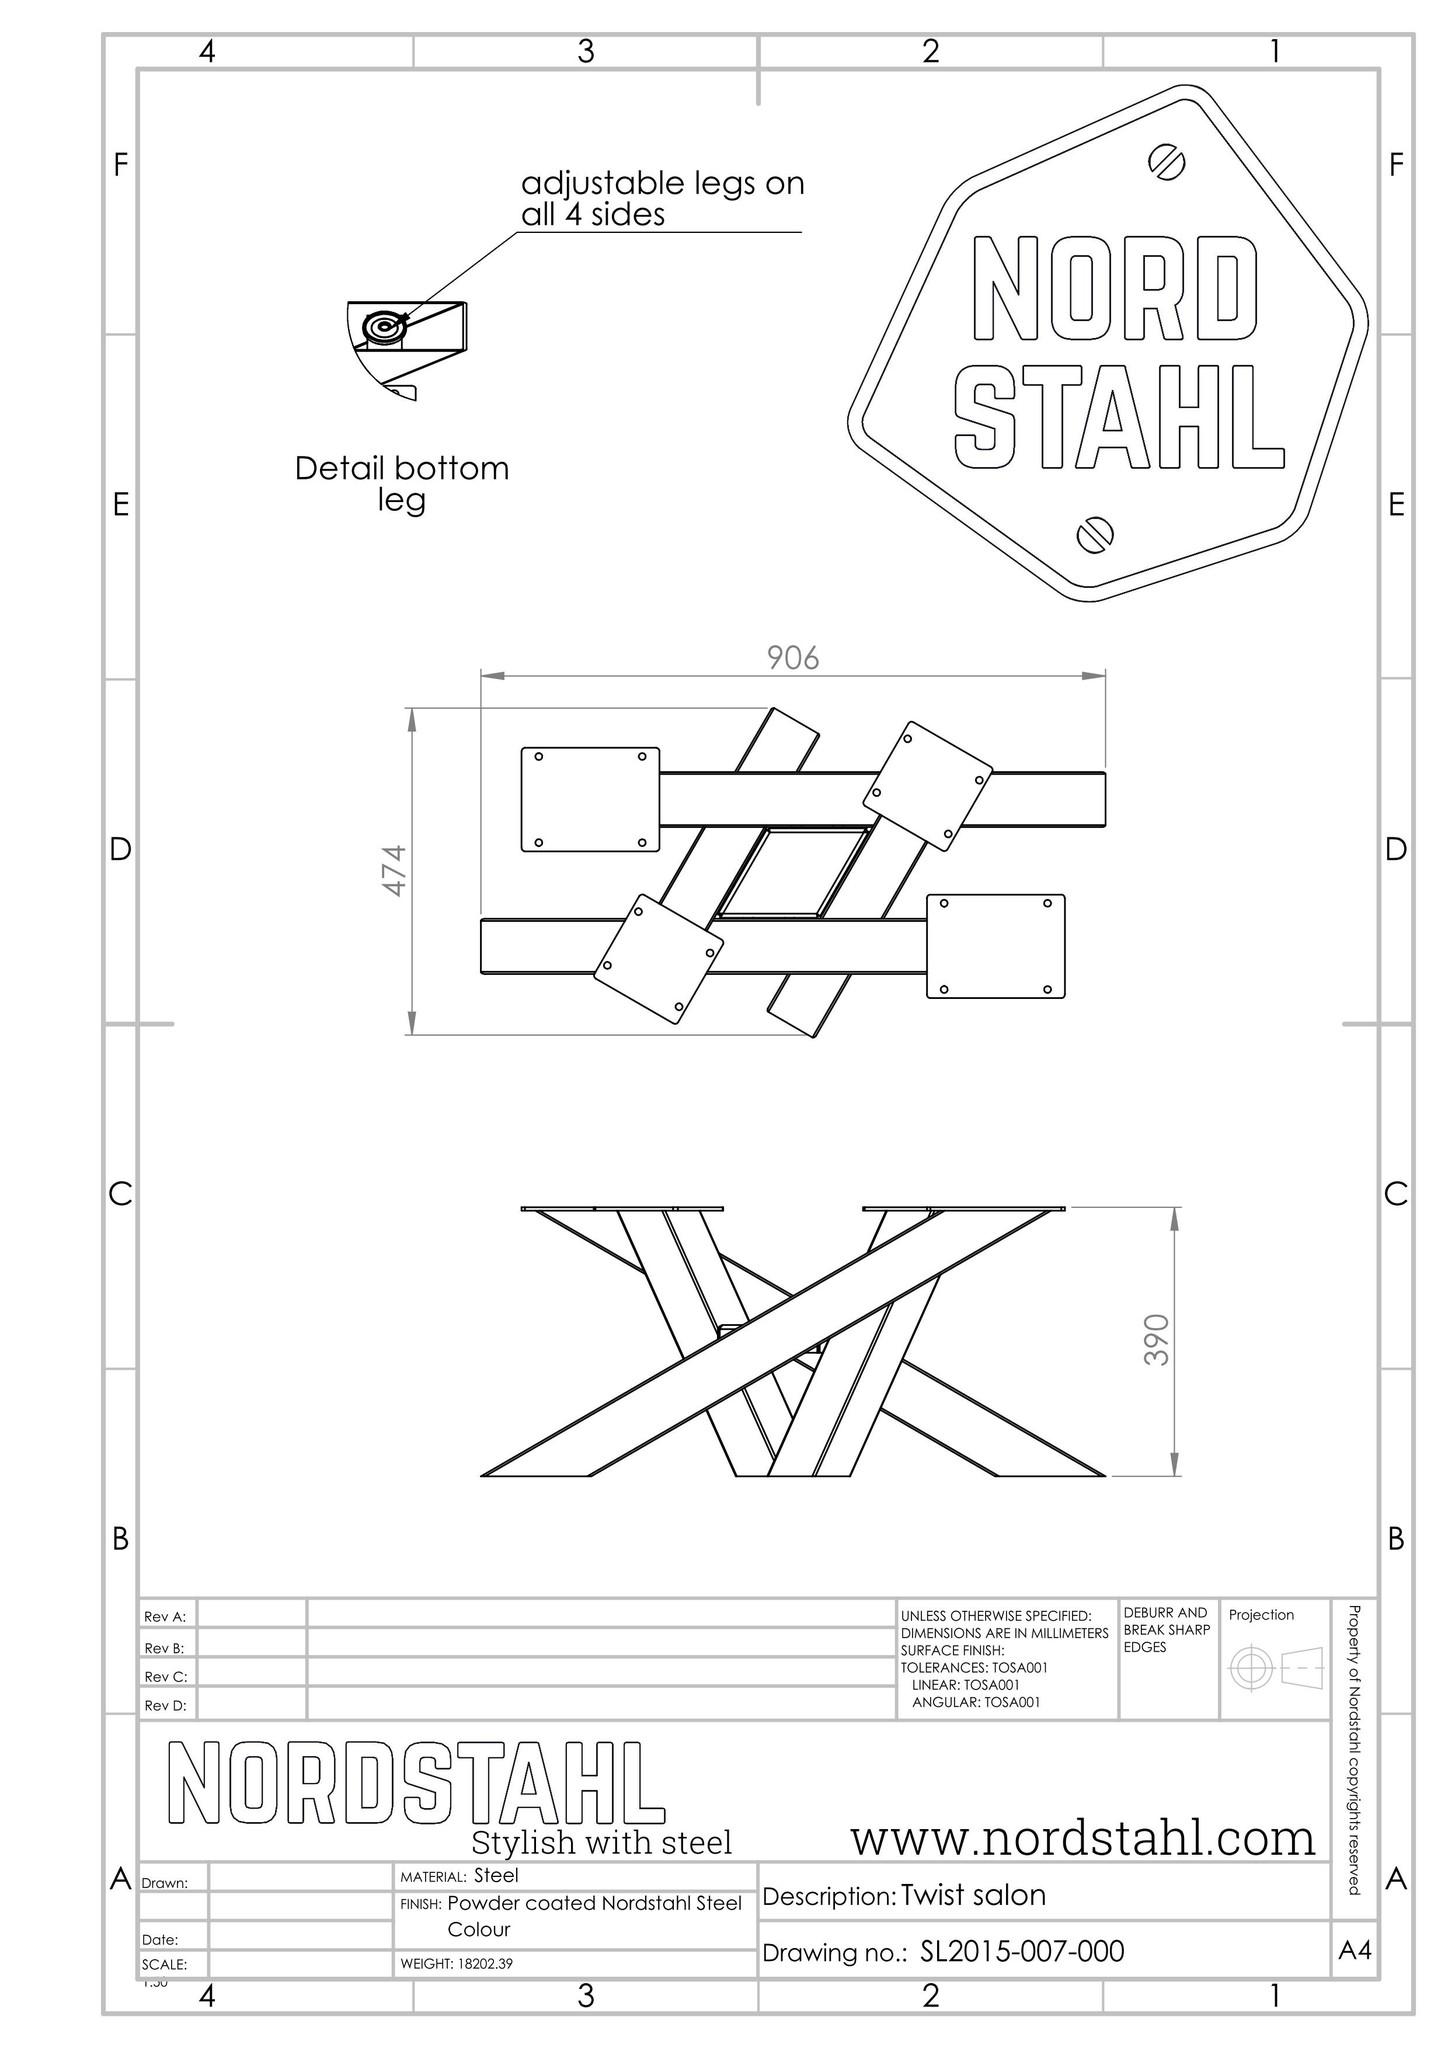 Nordstahl Twist coffee leg technische tekening